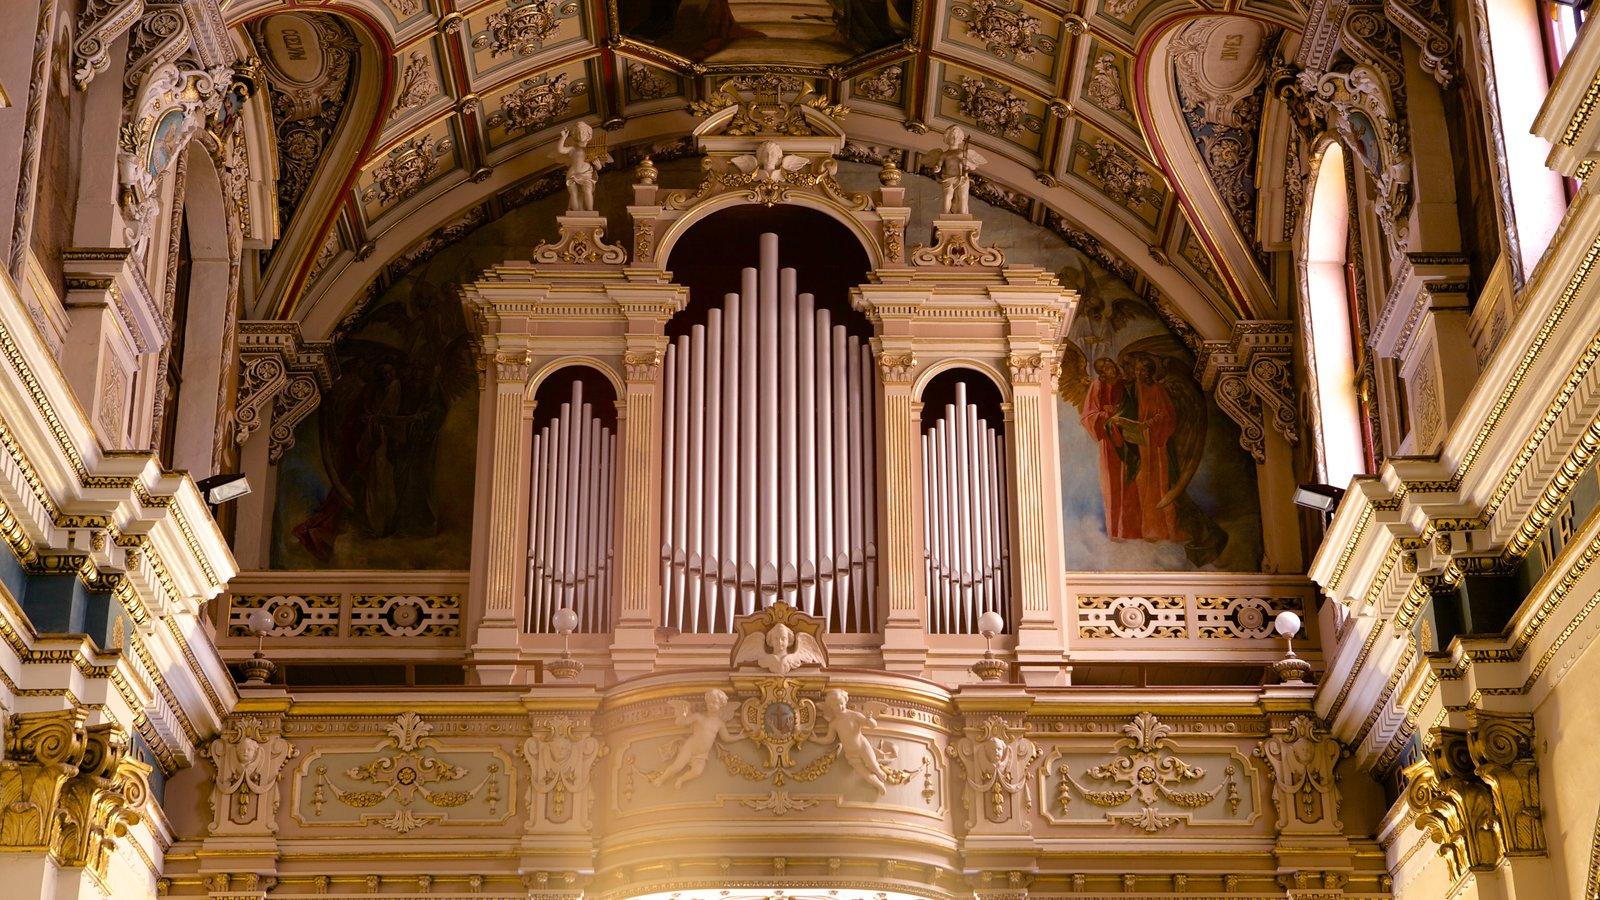 La Valeta ofreciendo aspectos religiosos, una iglesia o catedral y vistas interiores